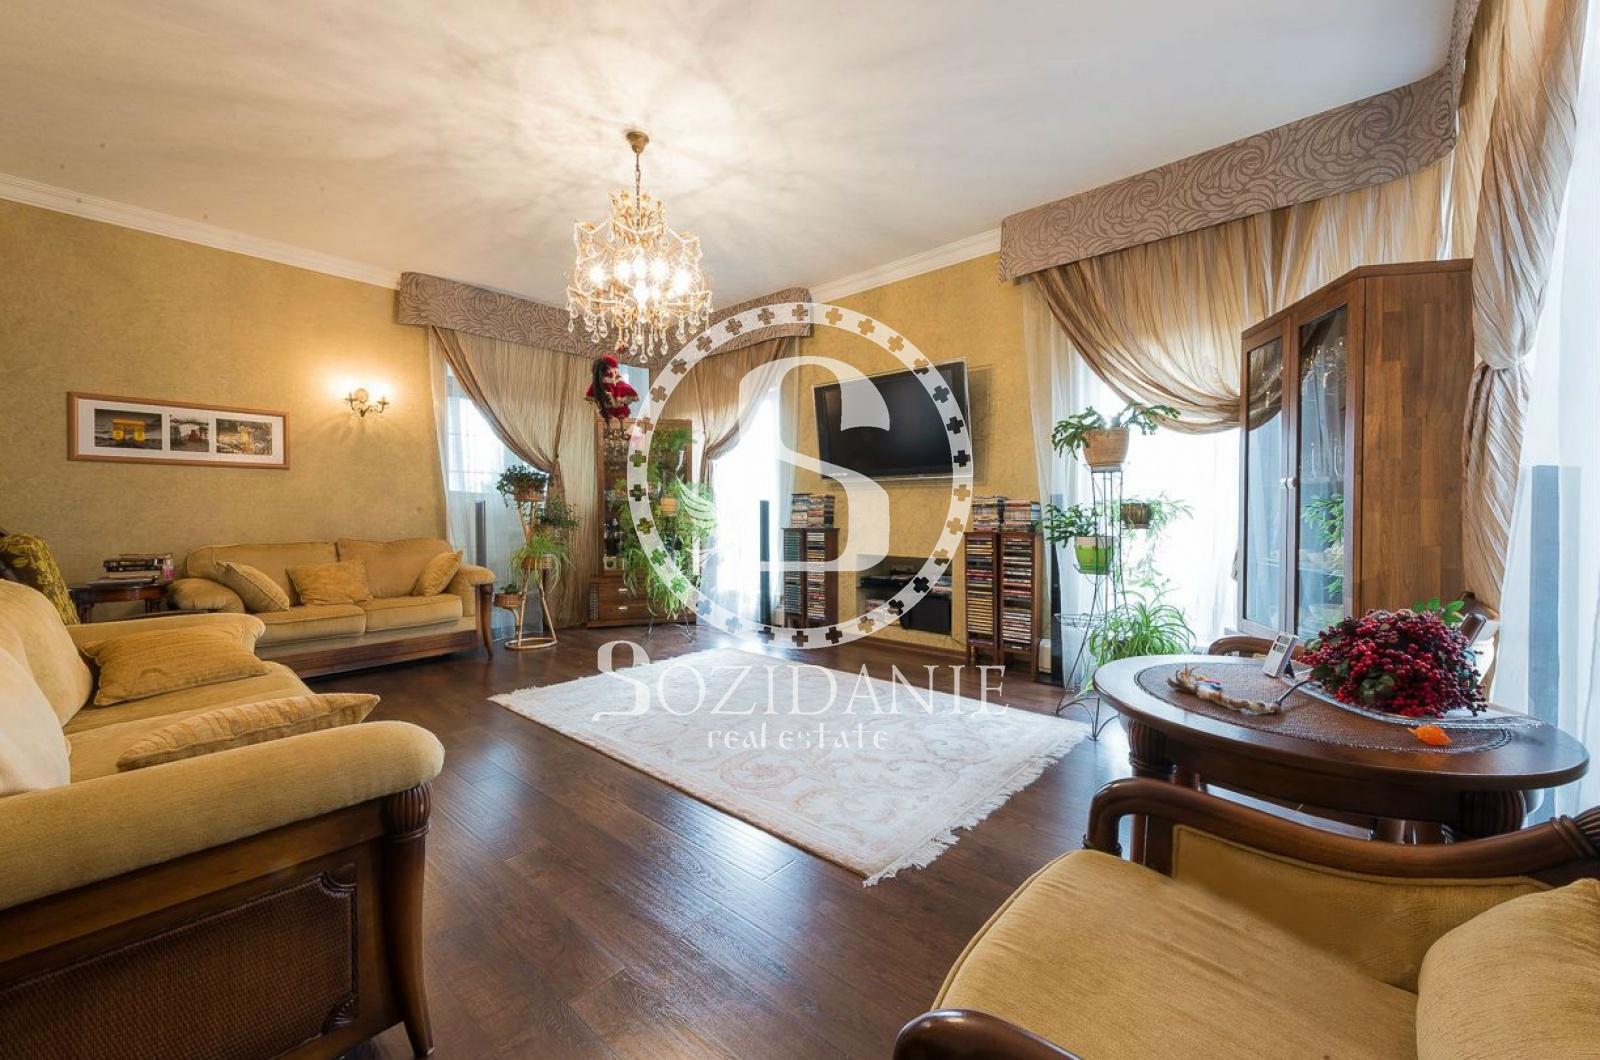 4 Bedrooms, Загородная, Продажа, Listing ID 4098, Московская область, Россия,